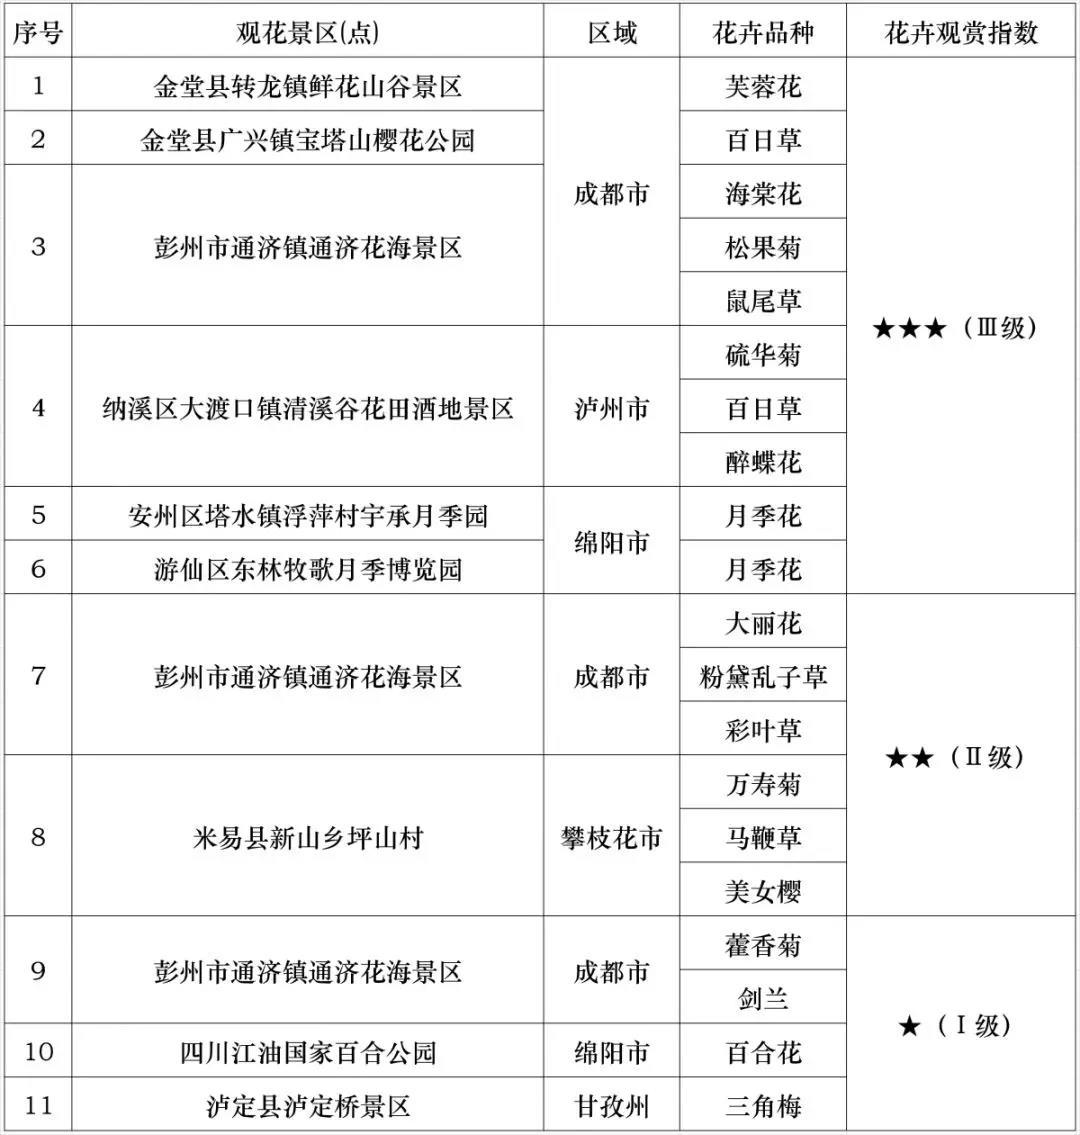 http://www.edaojz.cn/xiuxianlvyou/299920.html